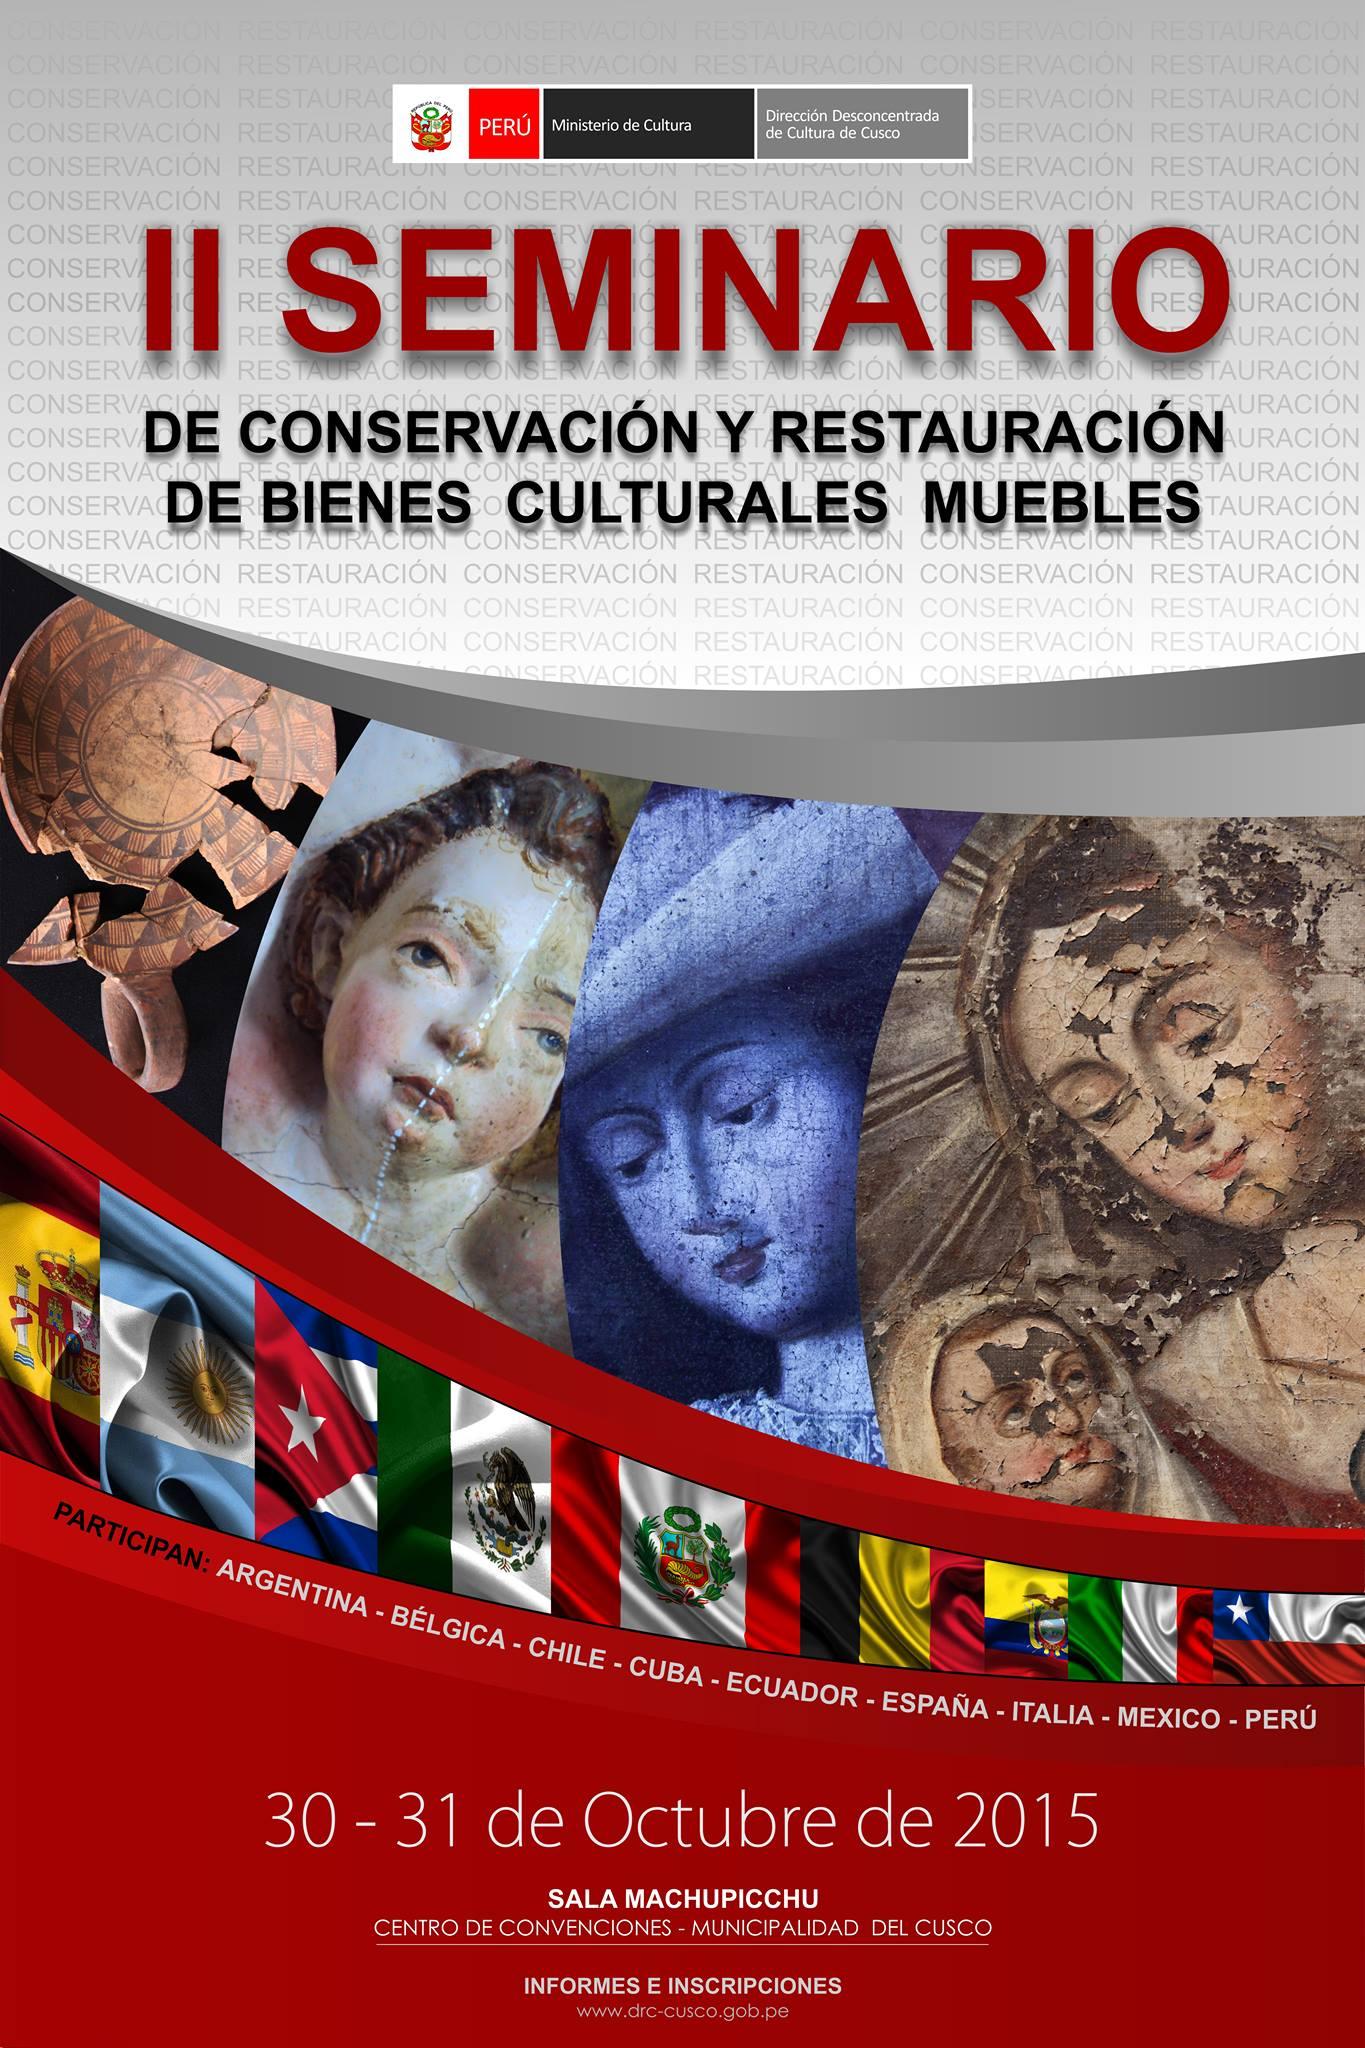 II Seminario en Cusco, Perú